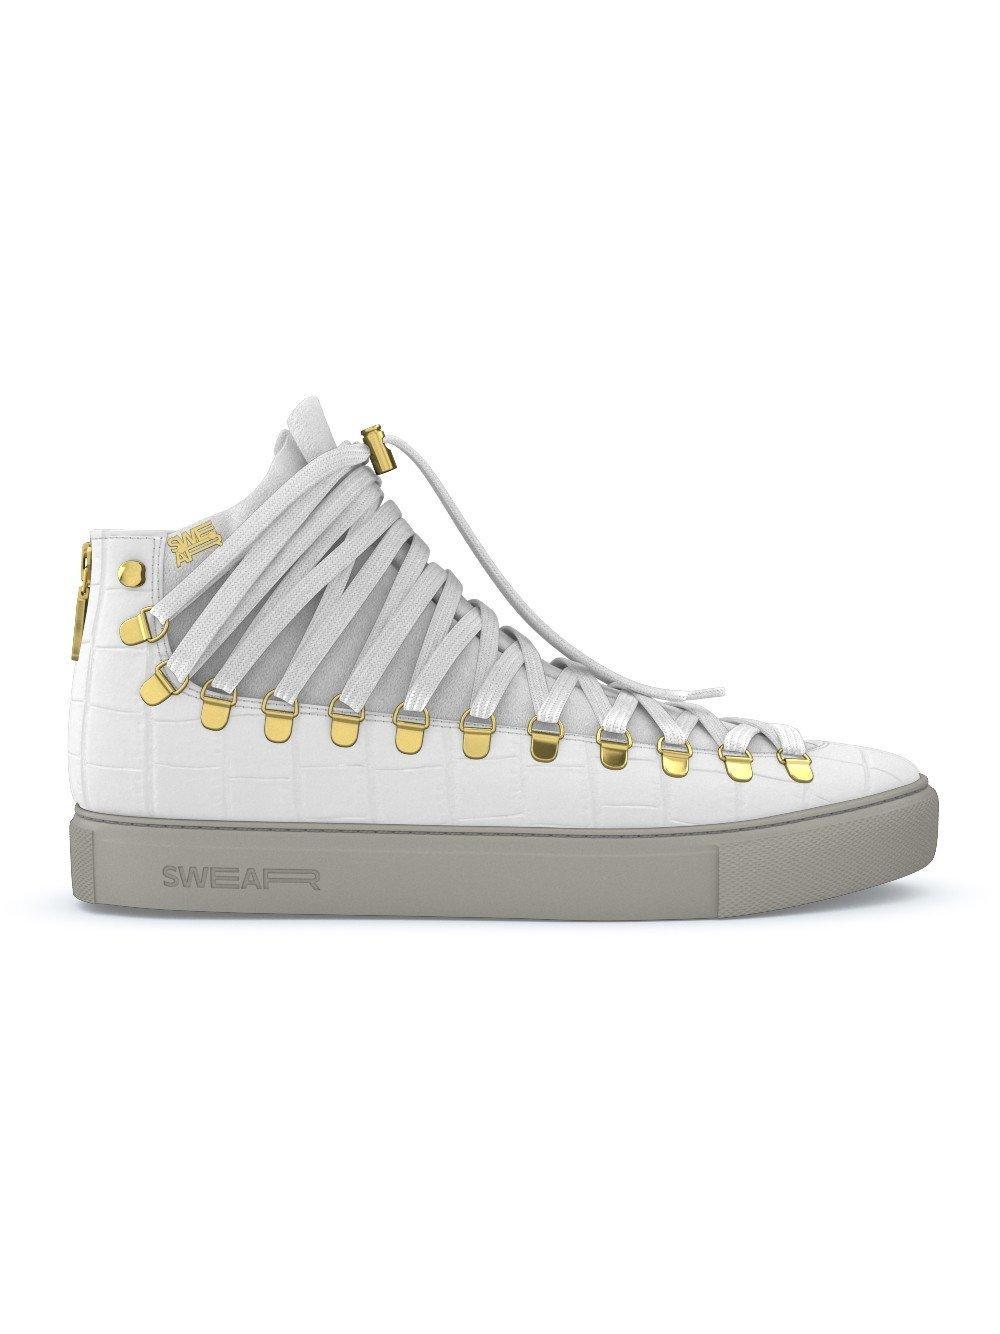 Swear Redchurch Sneakers In White